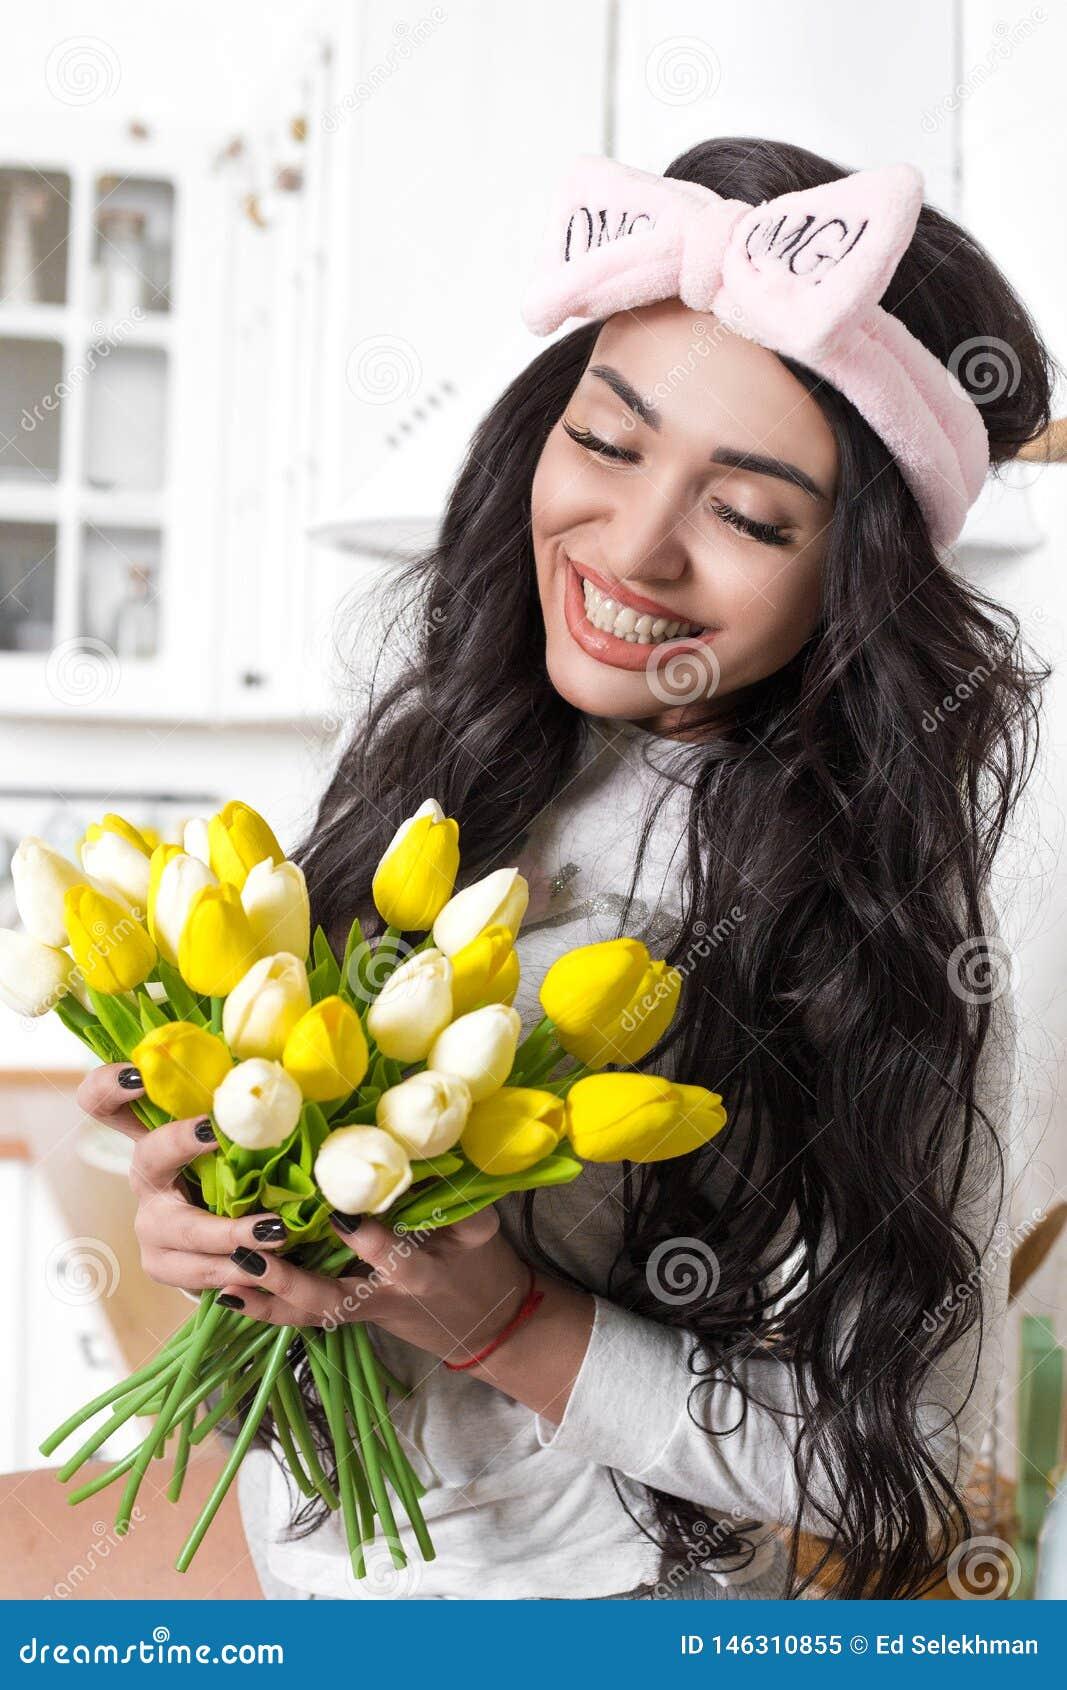 Яркая девушка с улыбкой в кухне с тюльпанами а желтыми в кухне